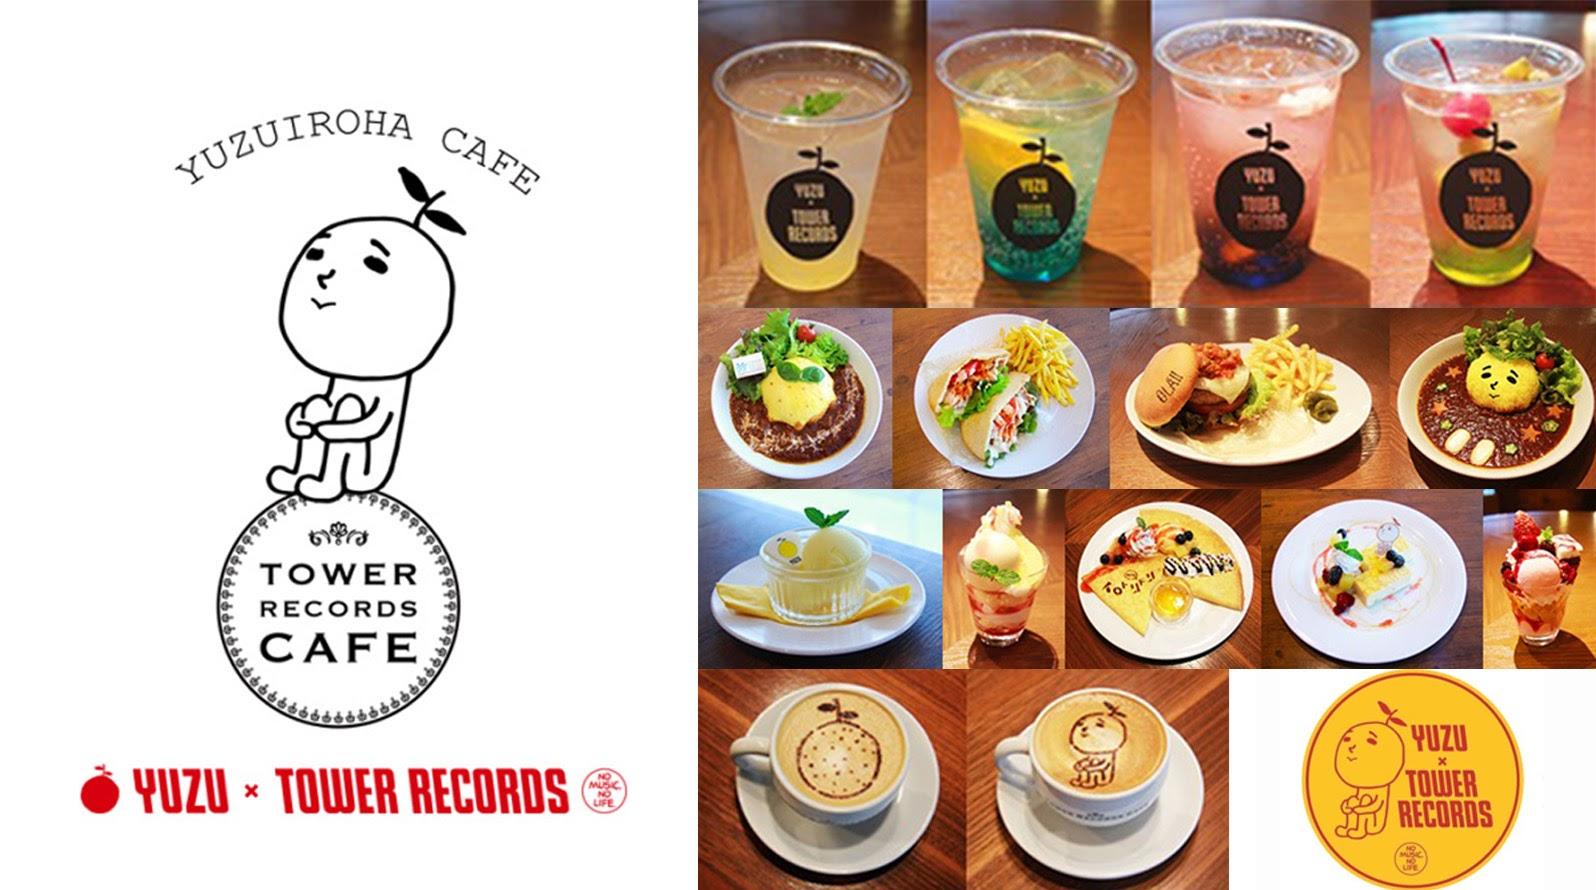 柚子(ゆず)宣佈與TOWER RECORDS合作 推出「ゆずイロハ限定咖啡」